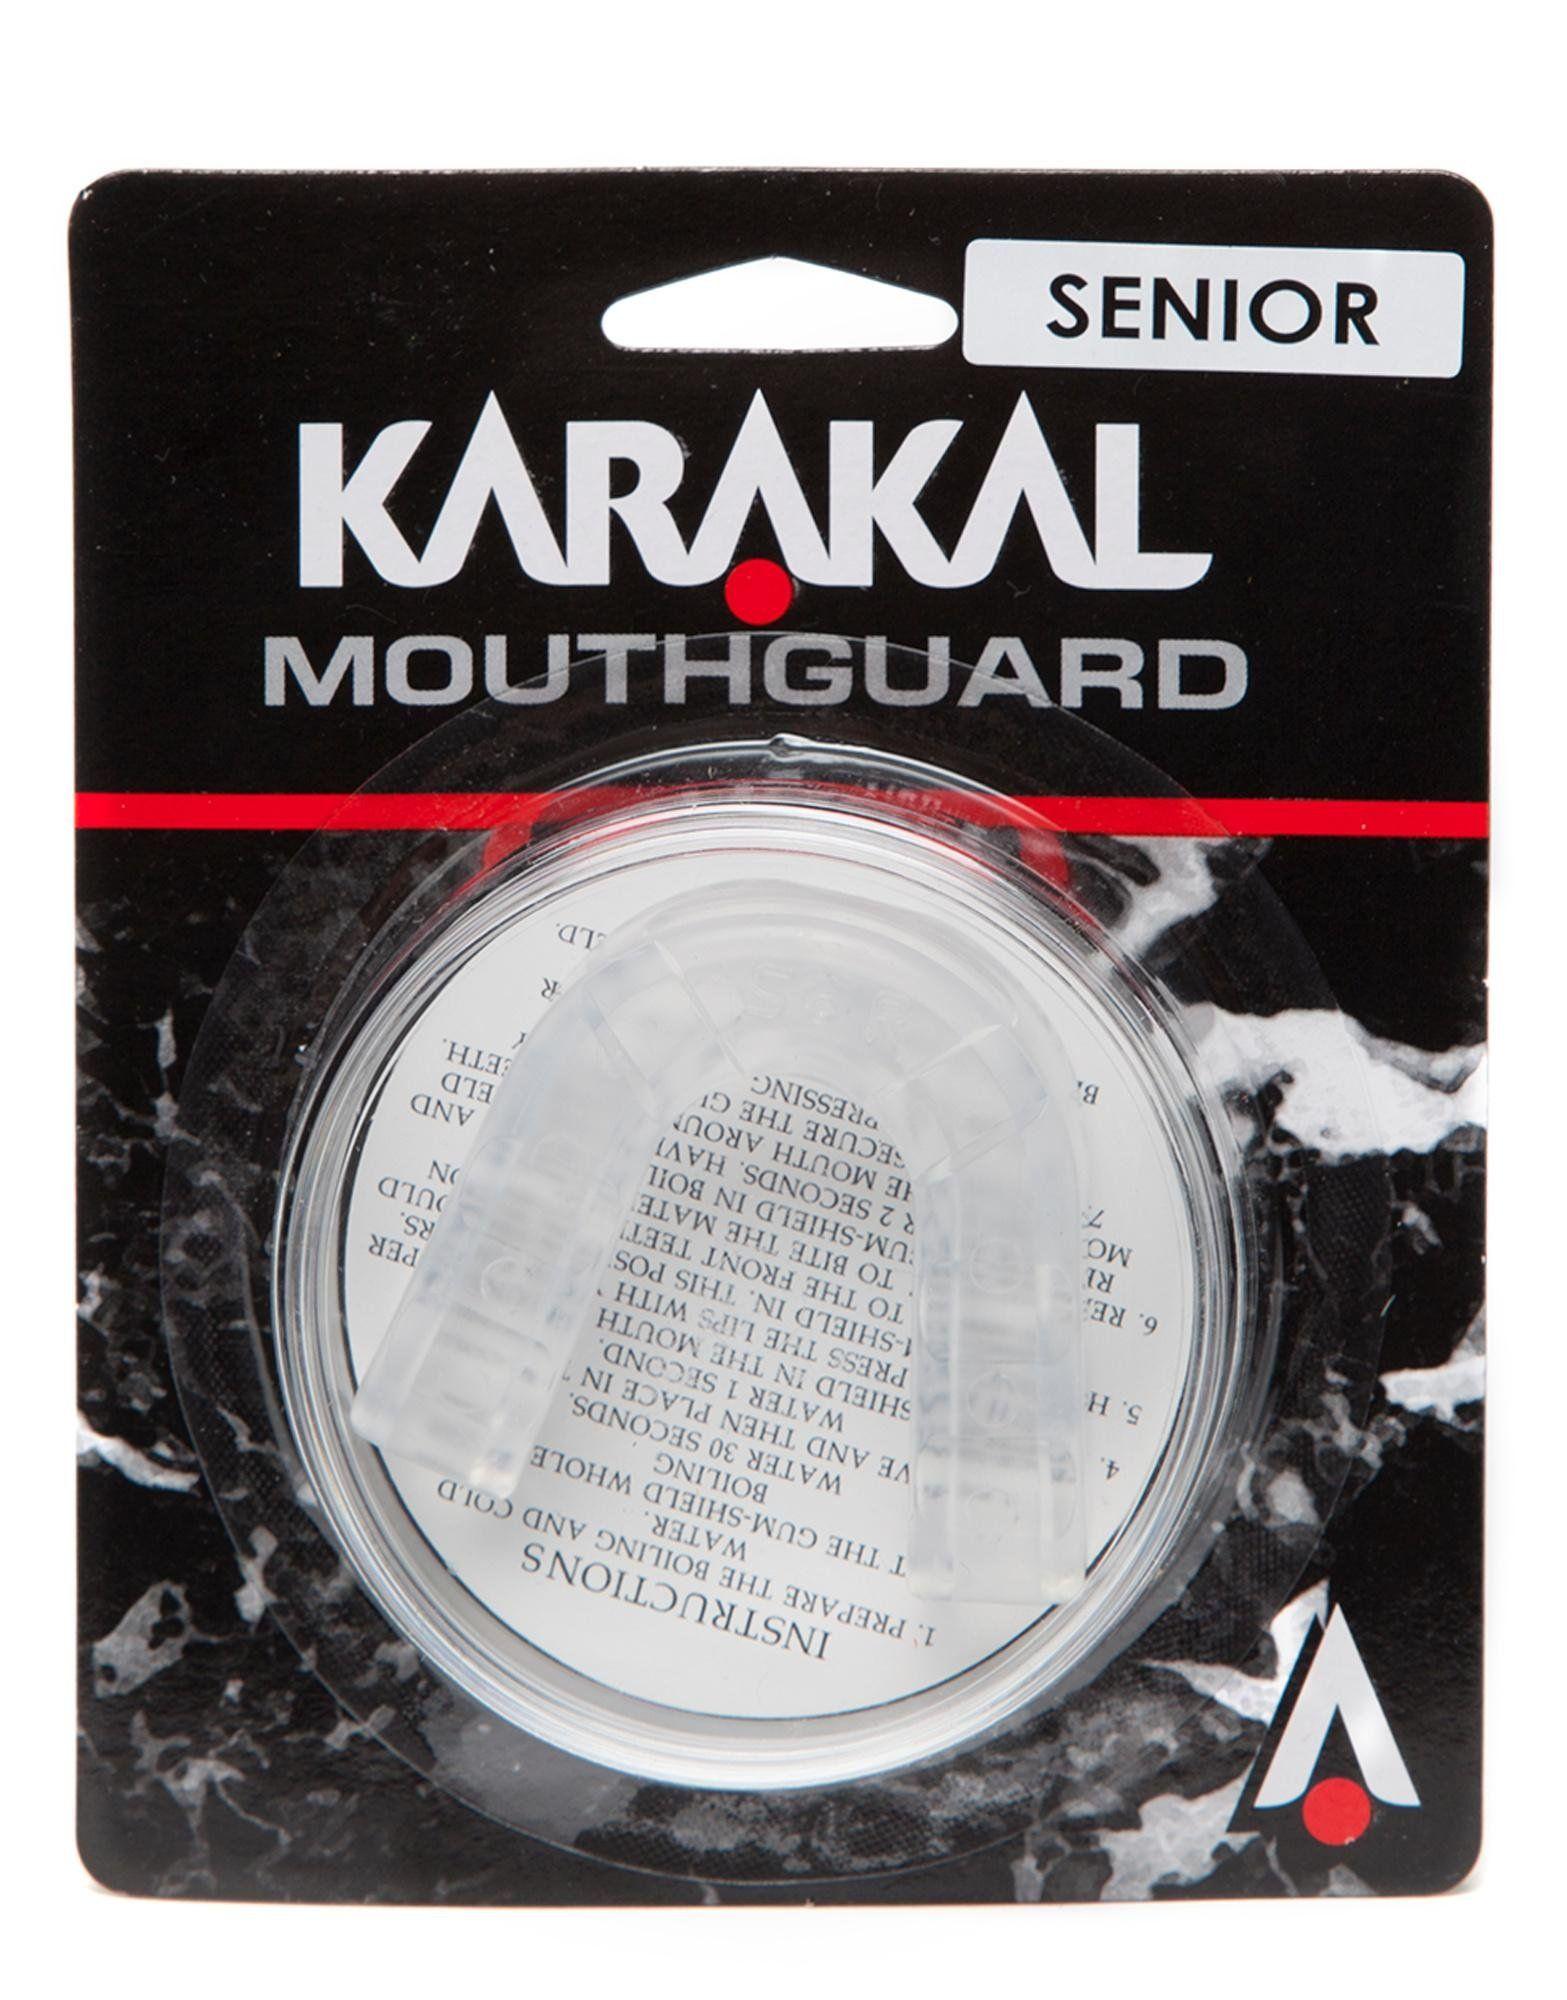 Karakal Gumshield